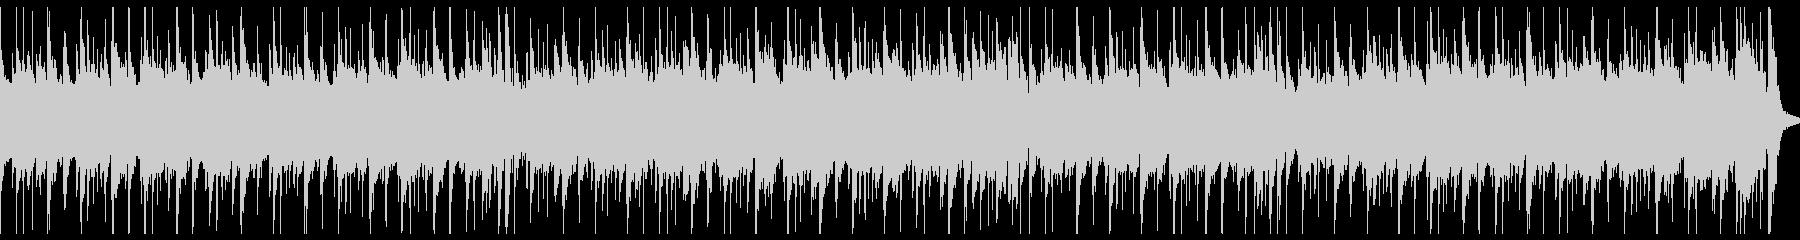 シンプルな曲調のギター&ドラムのBGMの未再生の波形